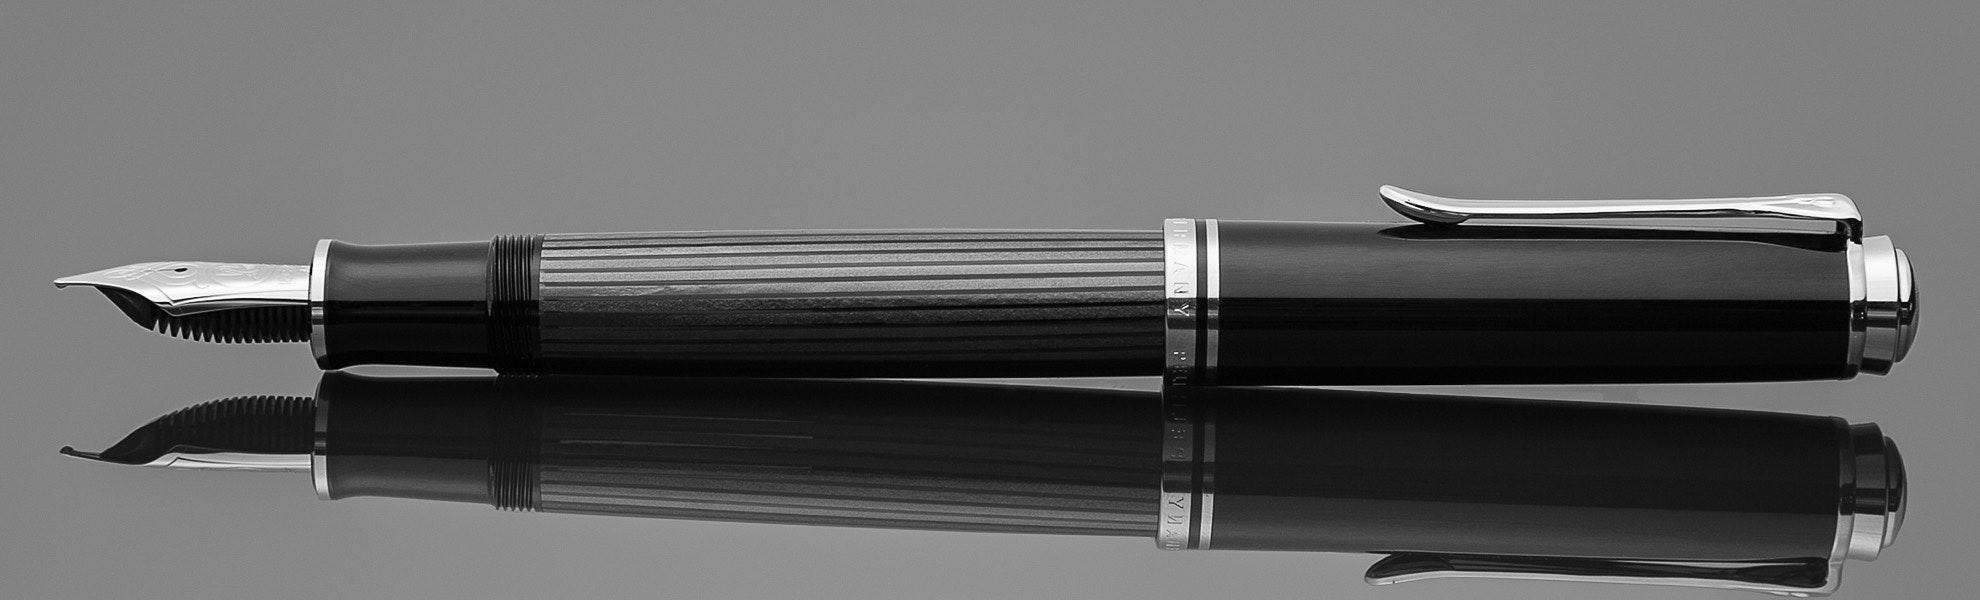 Pelikan Souverän M805 Stresemann Fountain Pen